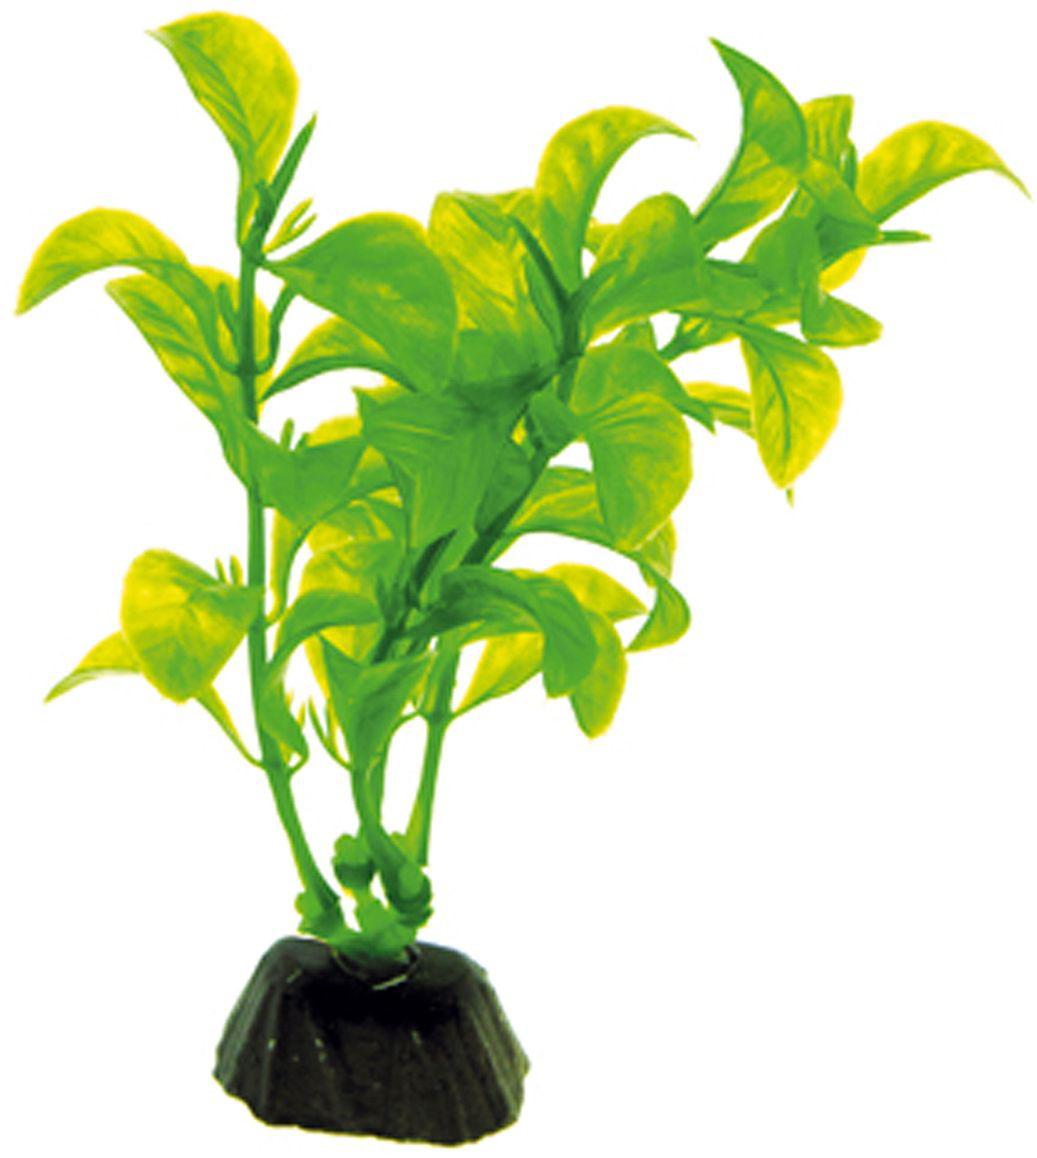 Искусственное растение для аквариума Dezzie, 10 см. 56020135602013Подводное искусственное растение для аквариума Dezzie является неотъемлемой частью композиции аквариума, радует глаз, а также может быть уютным убежищем для рыб и других обитателей аквариума. Пластиковое растение имеет устойчивое дно, которое не нуждается в дополнительном утяжелении и легко устанавливается в грунт. Растение очень практично в использовании, имеет стойкую к воздействию воды окраску и не требует обременительного ухода. Его можно легко достать и протереть тряпкой во время уборки аквариума. Растения из пластика создадут неповторимый дизайн пресноводного или морского аквариума.Высота растения: 10 см.